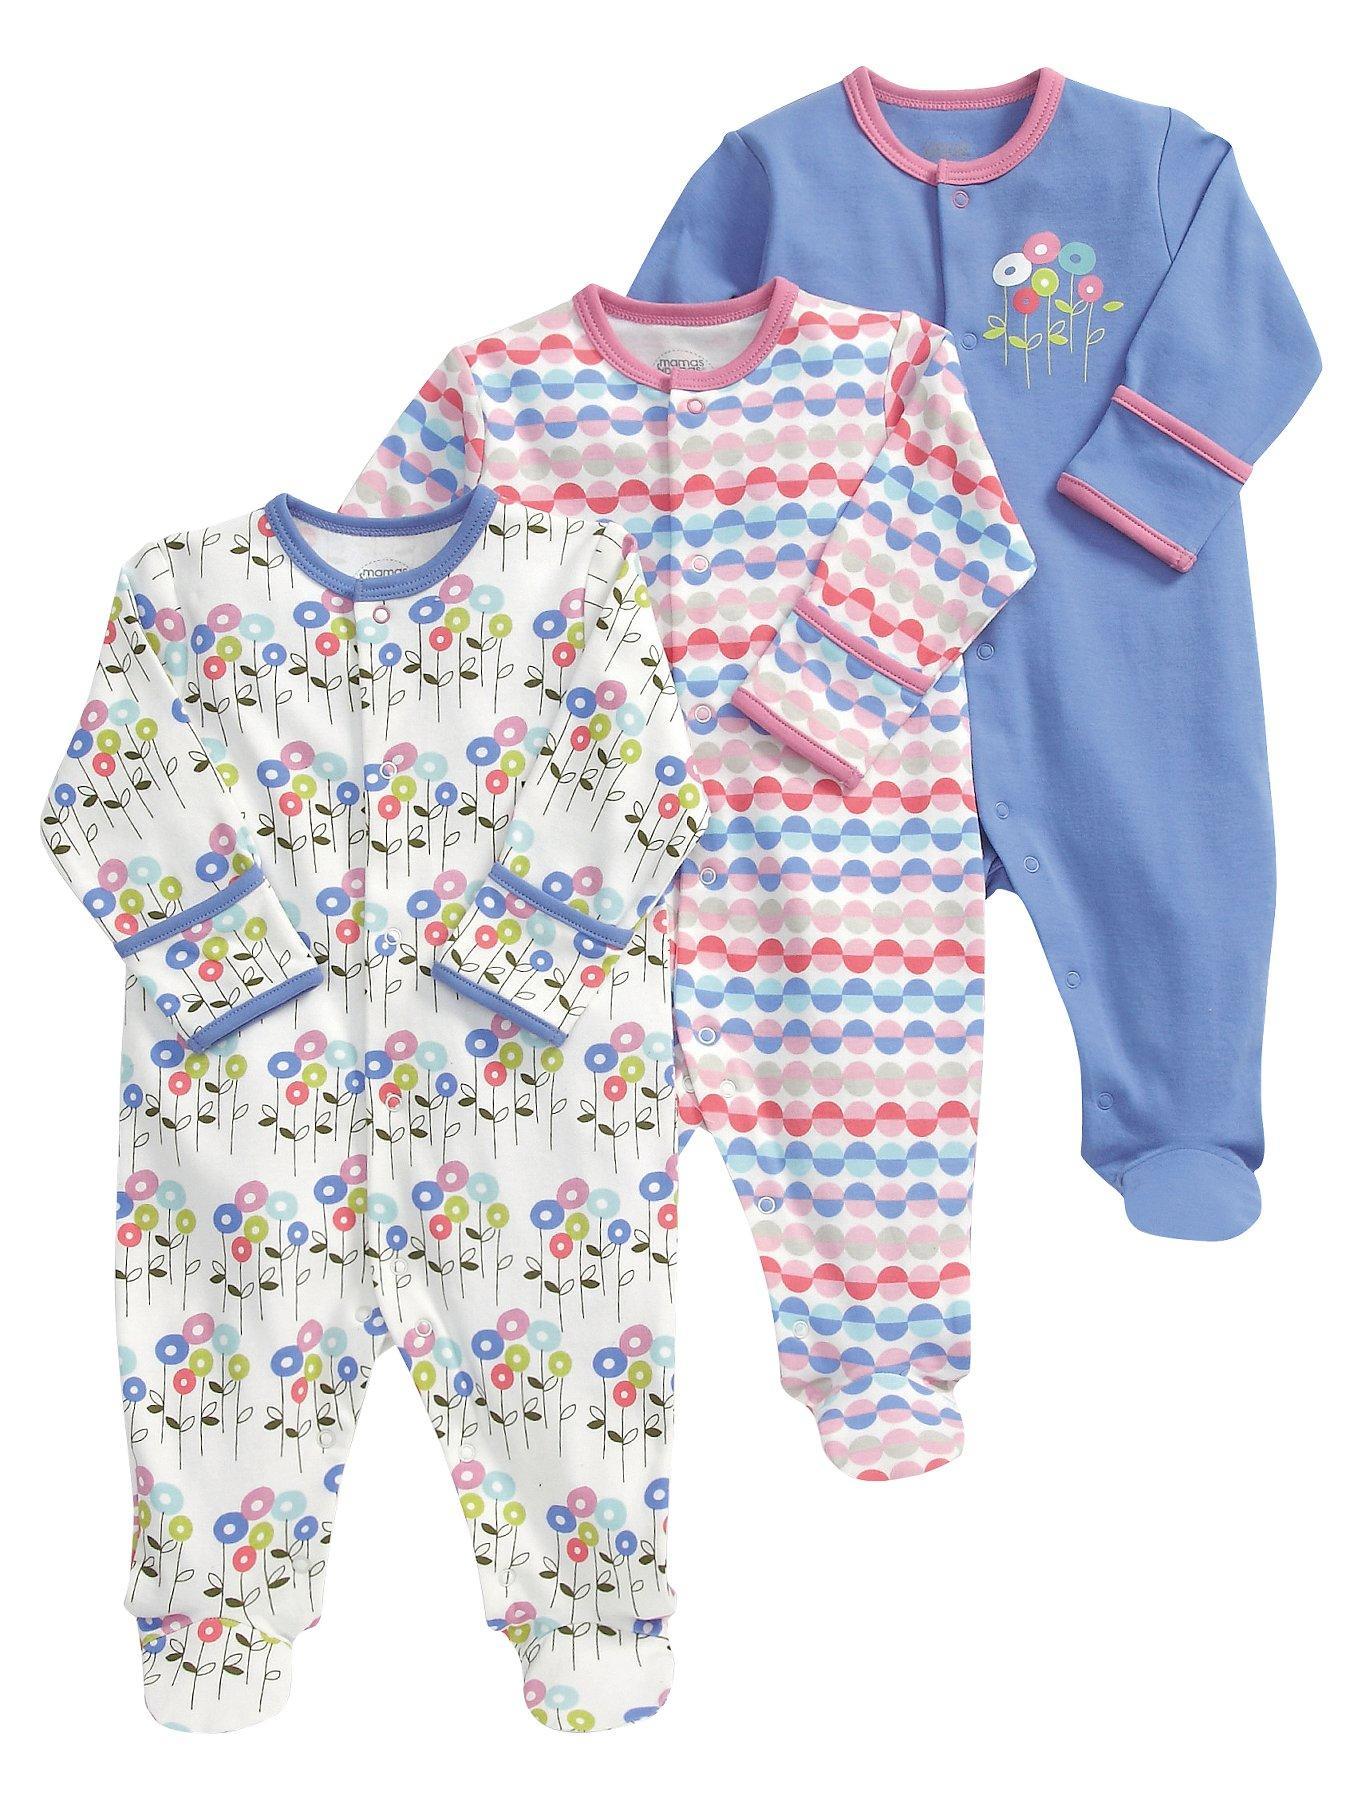 Mamas Papas Mamas Papas Store Online Very Co Uk